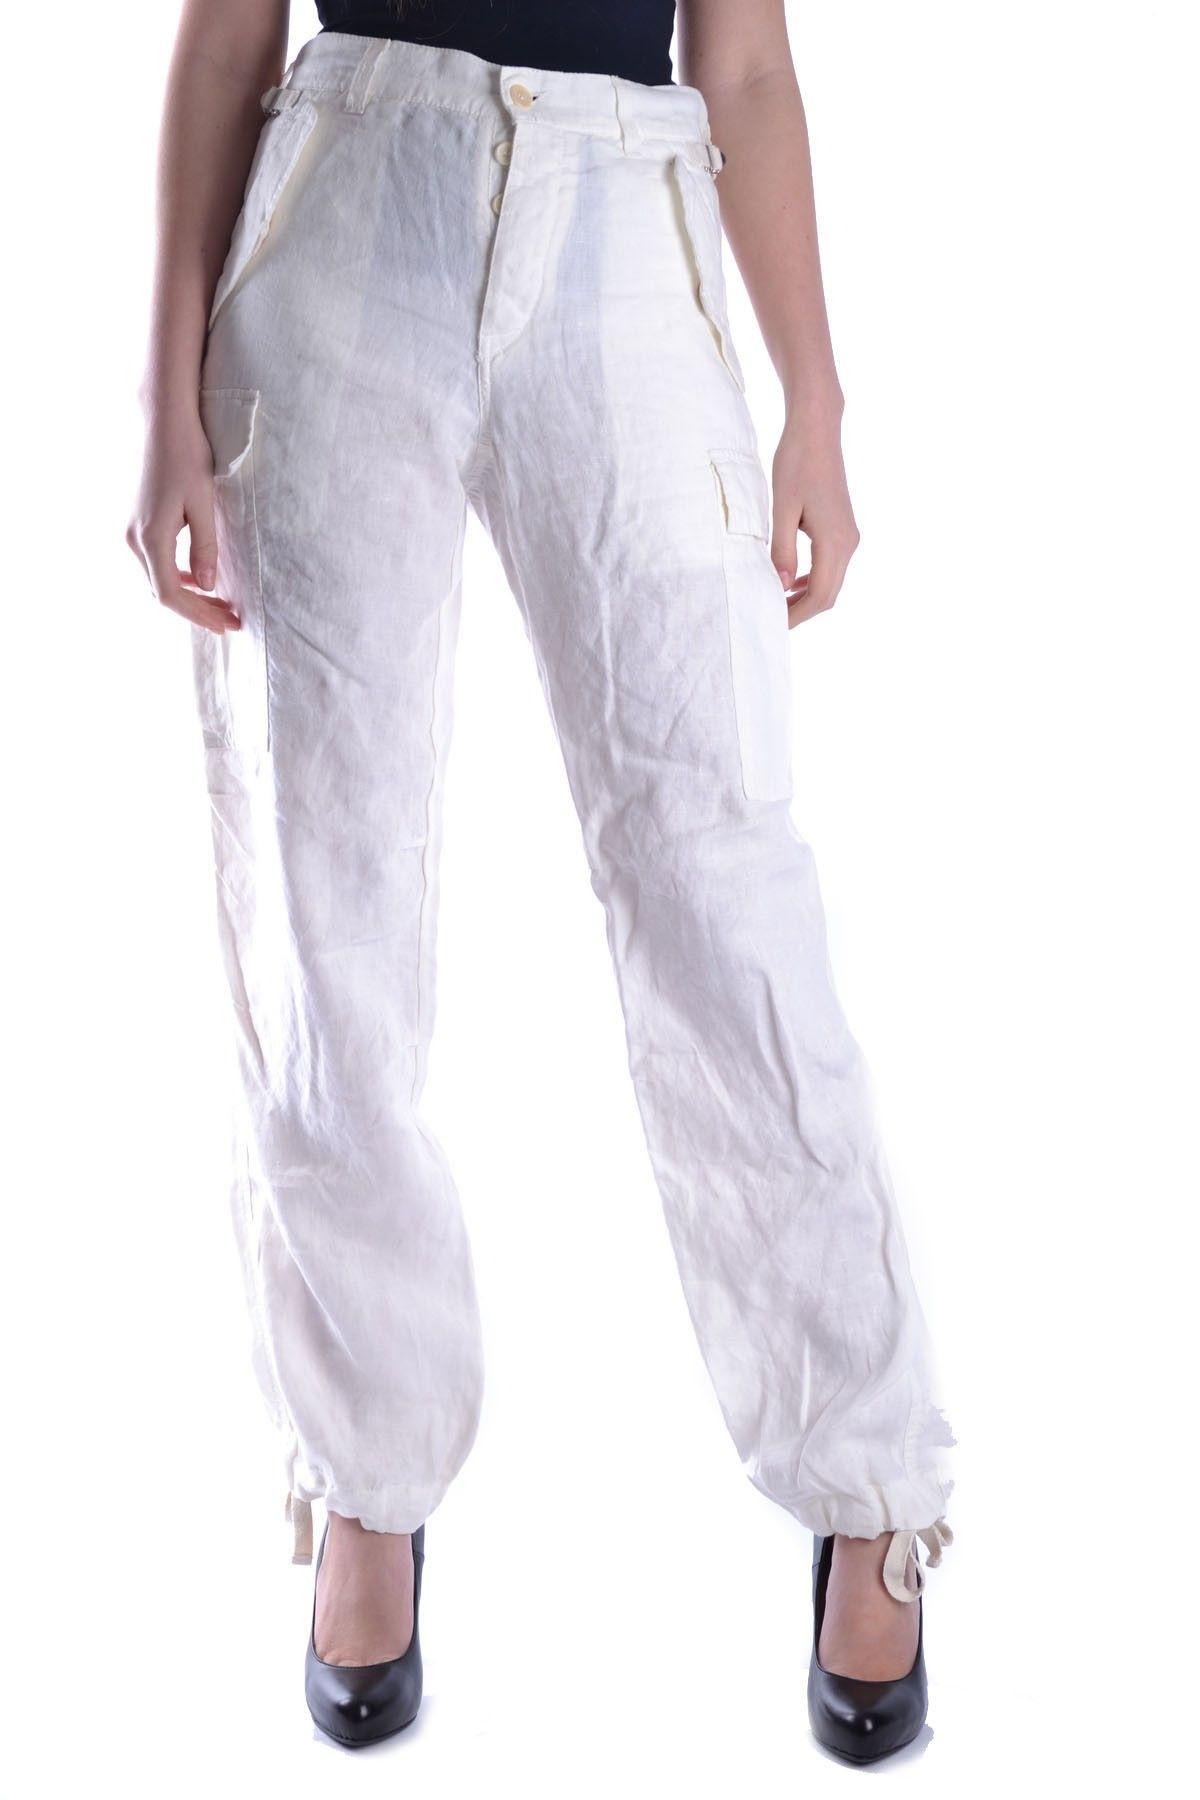 Yohji Yamamoto White Cotton Pants